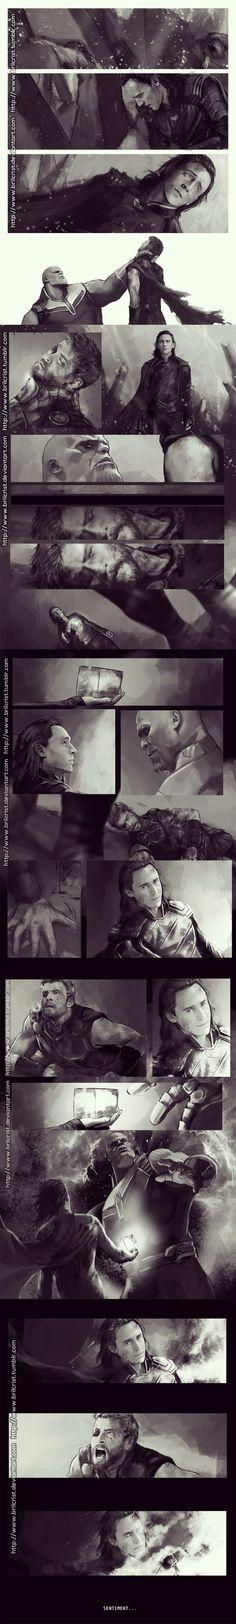 Oh my gosh! I wonder who's drawing these? I wonder if the artist is part of the set and this is an insight into what's going to happen. This makes me so sad and so scared for Loki.LOOOOKIIIIIIIIIIII*O*AAAAAAAHAAHAAAAAAAAAA‼️